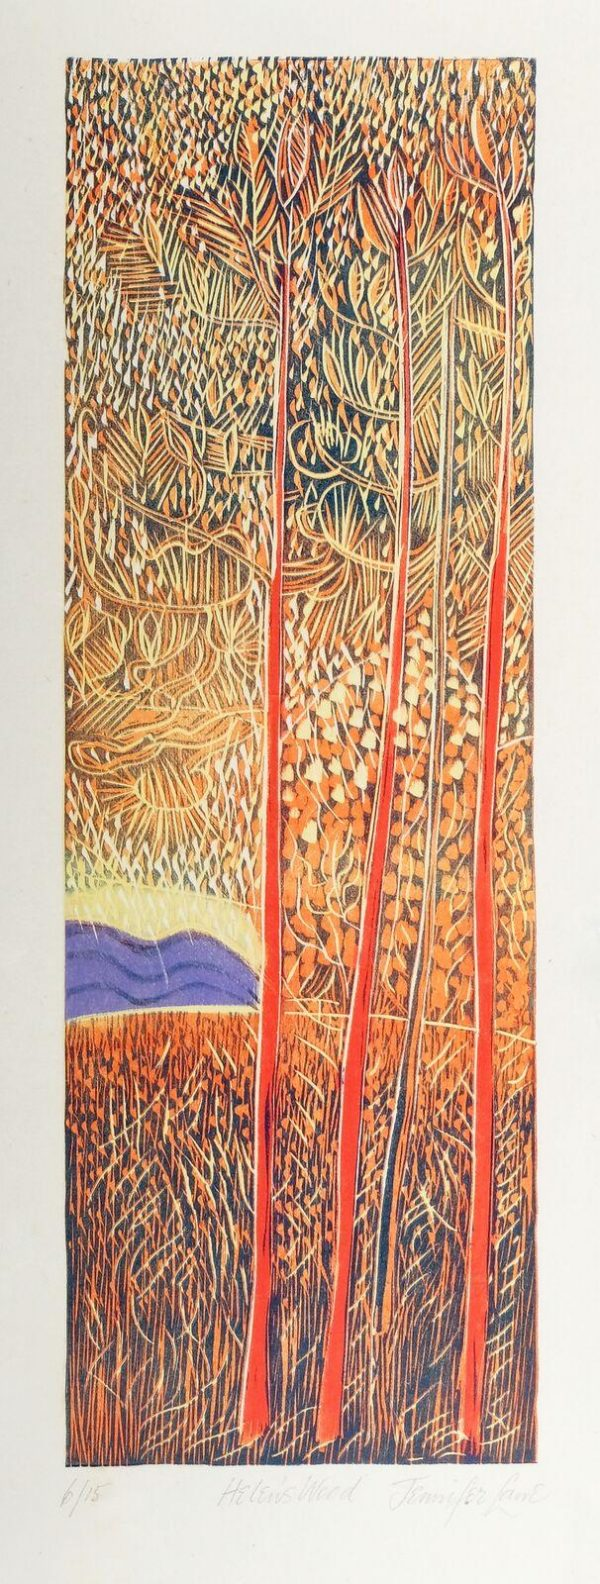 Graphic Studio Dublin: Helen's Wood